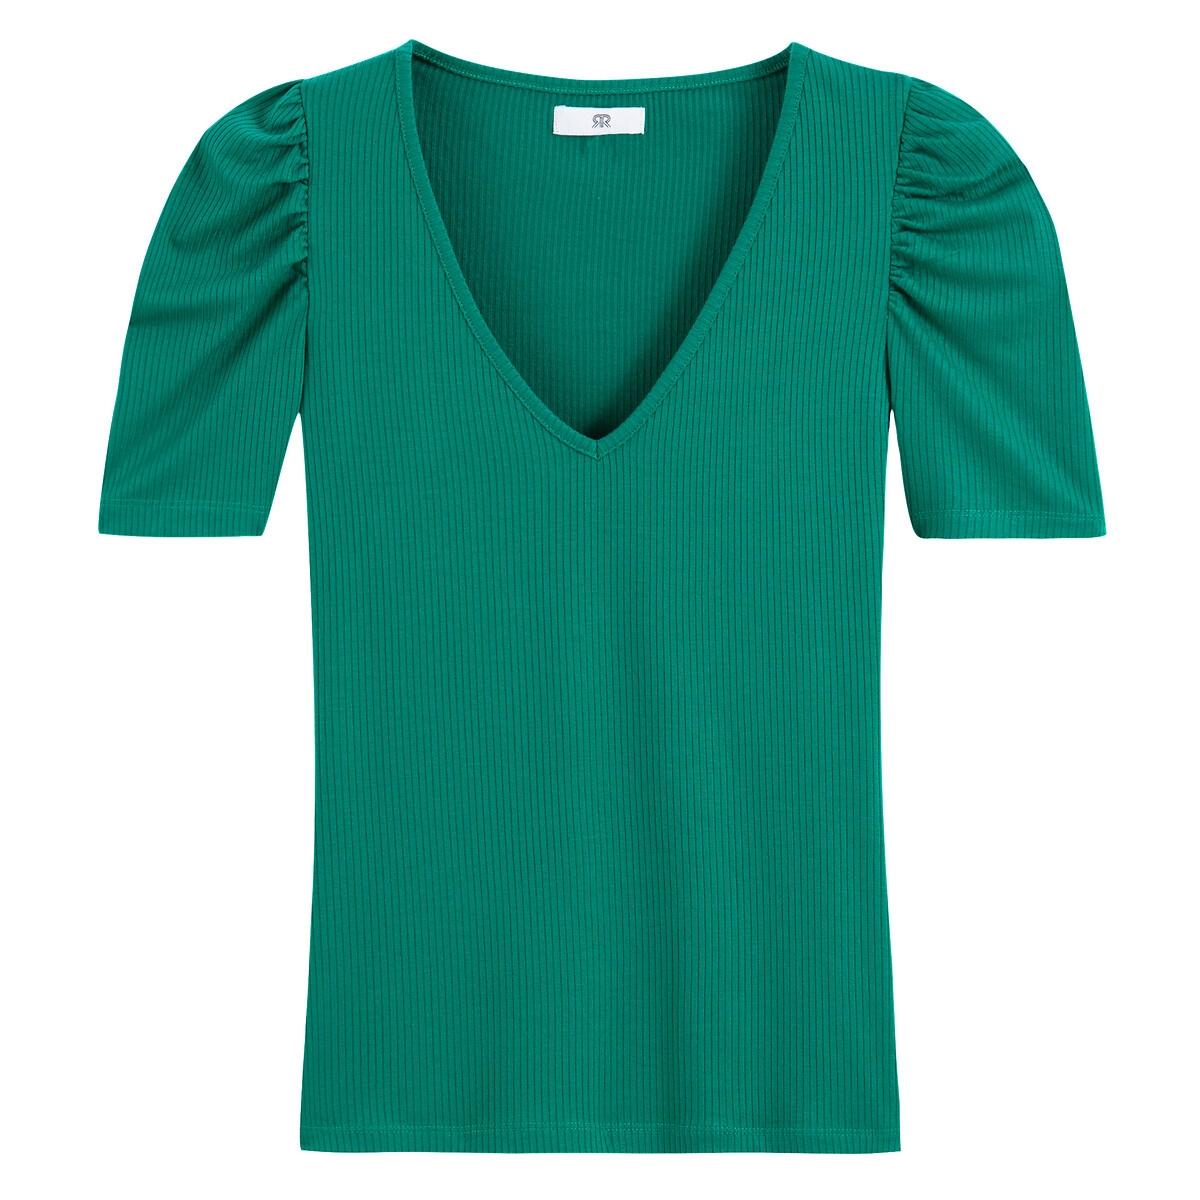 Camiseta con cuello de pico, manga corta abullonada